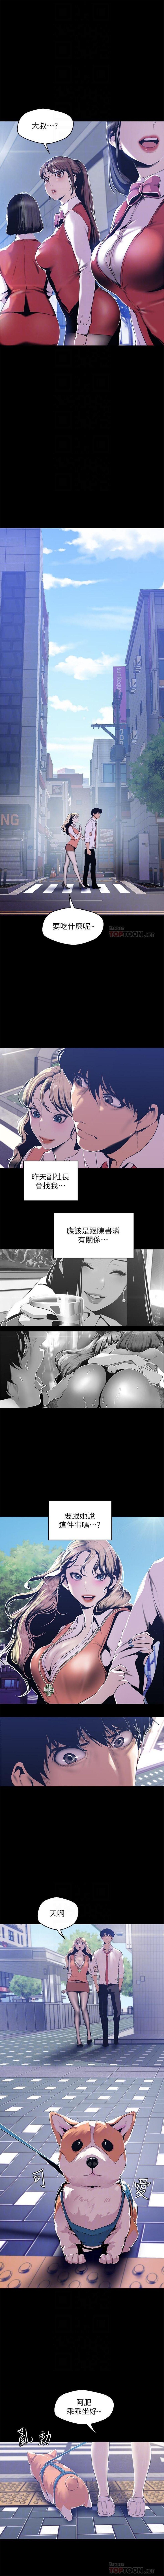 (週1)美麗新世界 1-76 中文翻譯 (更新中) 579